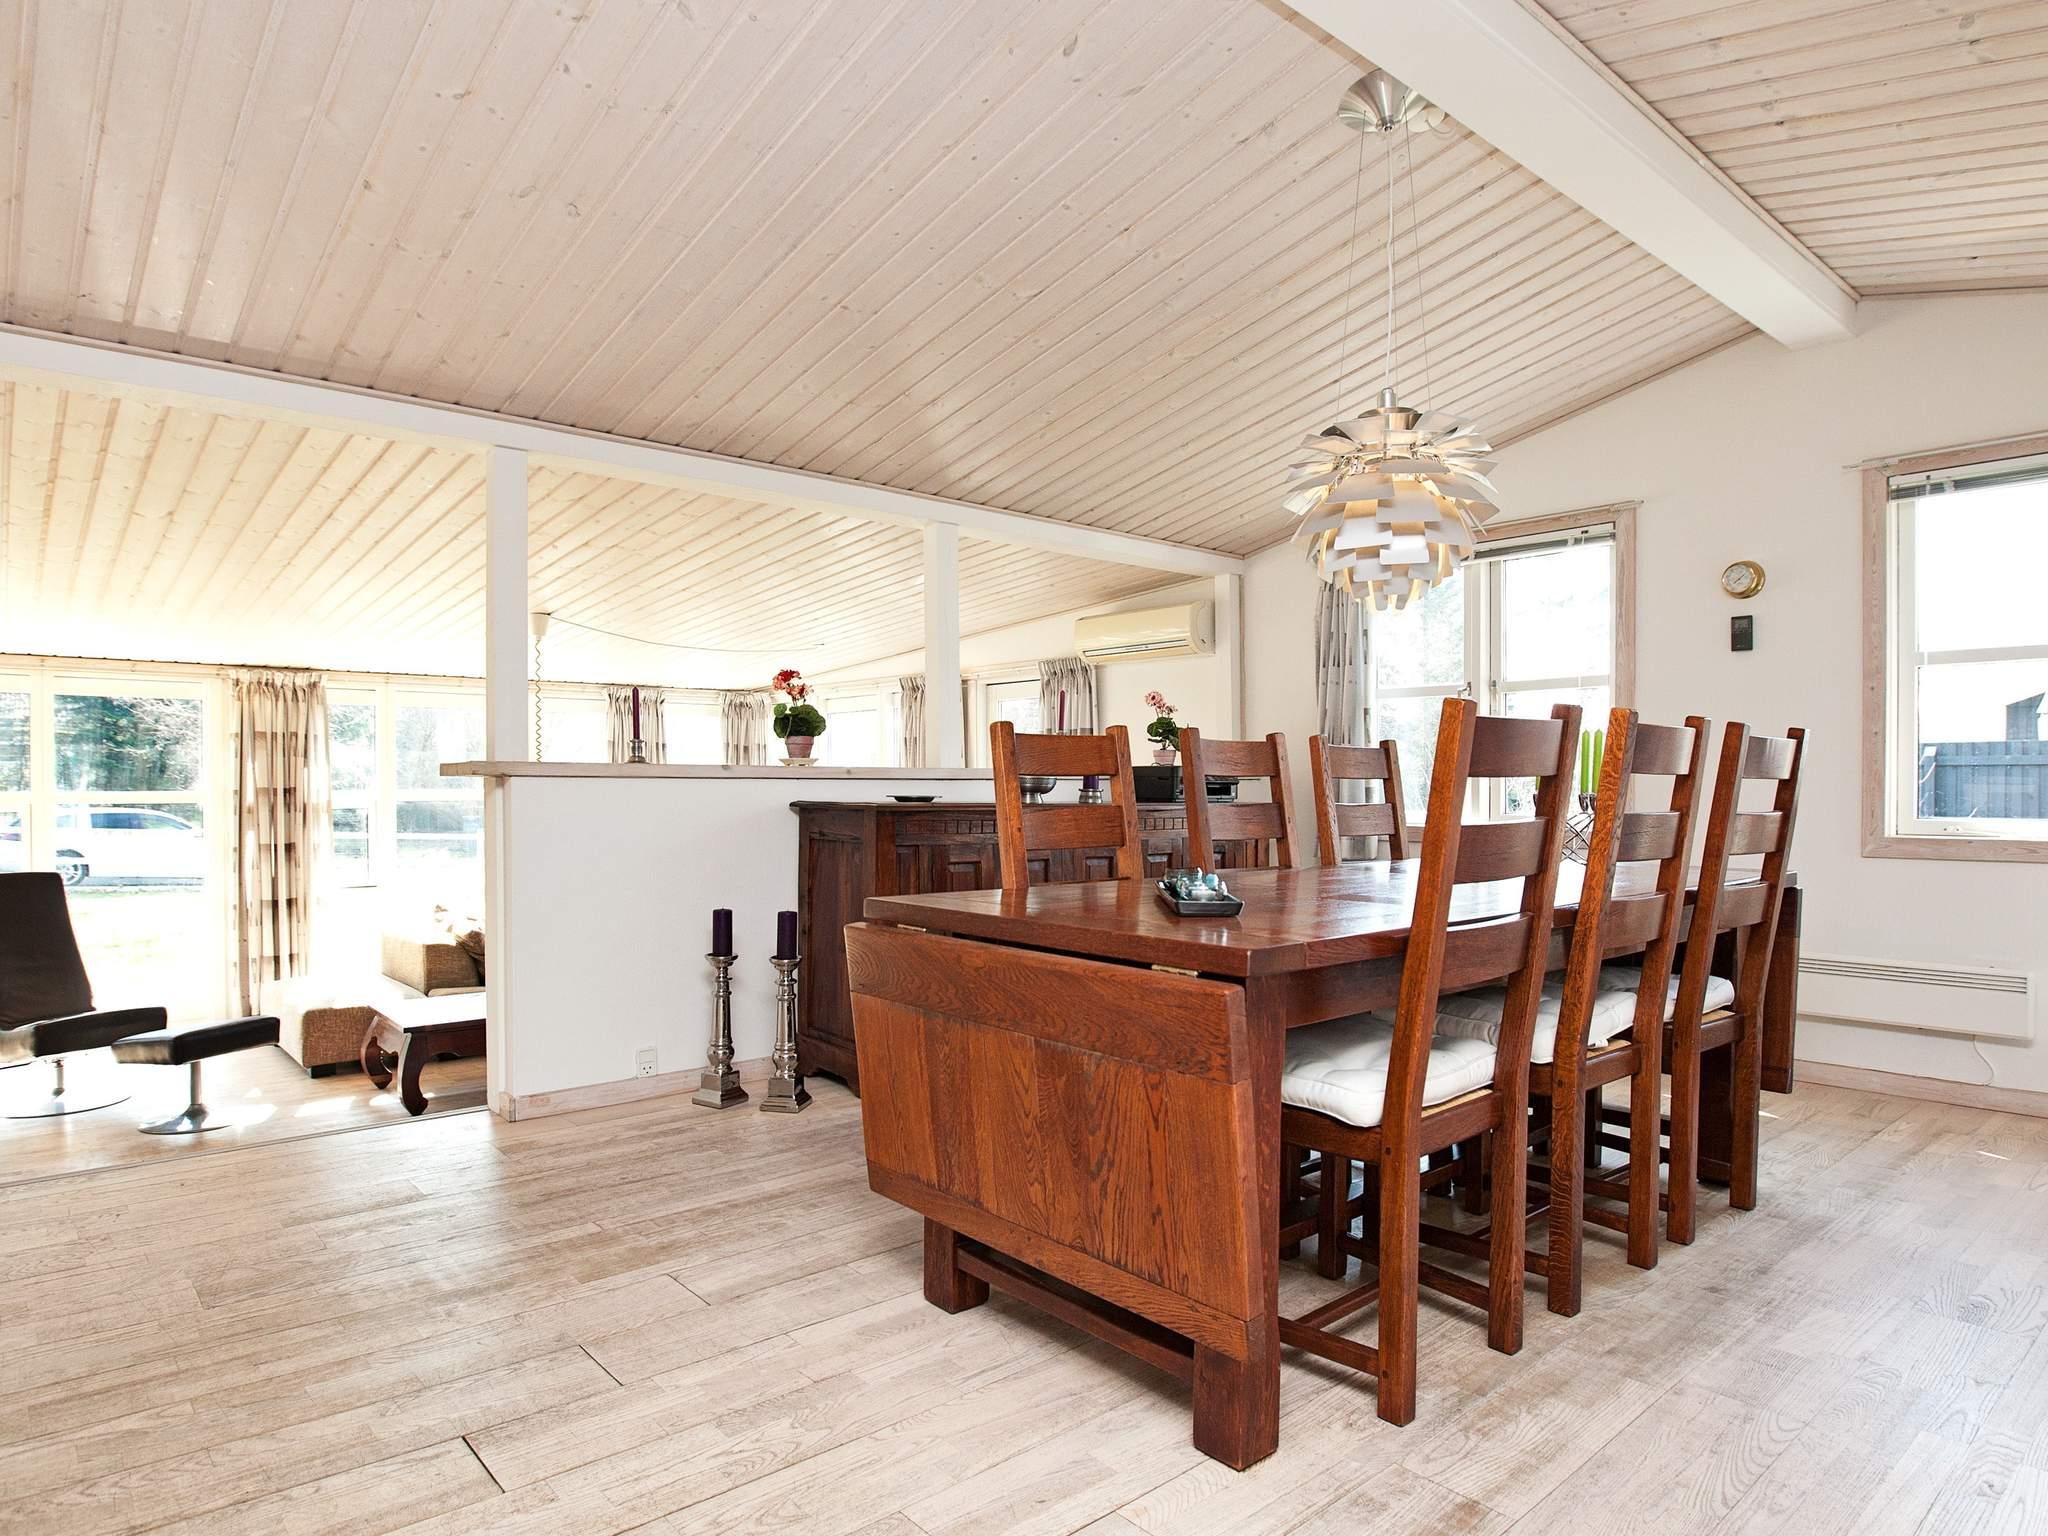 Ferienhaus Udsholt Strand (1029012), Gilleleje, , Nordseeland, Dänemark, Bild 6